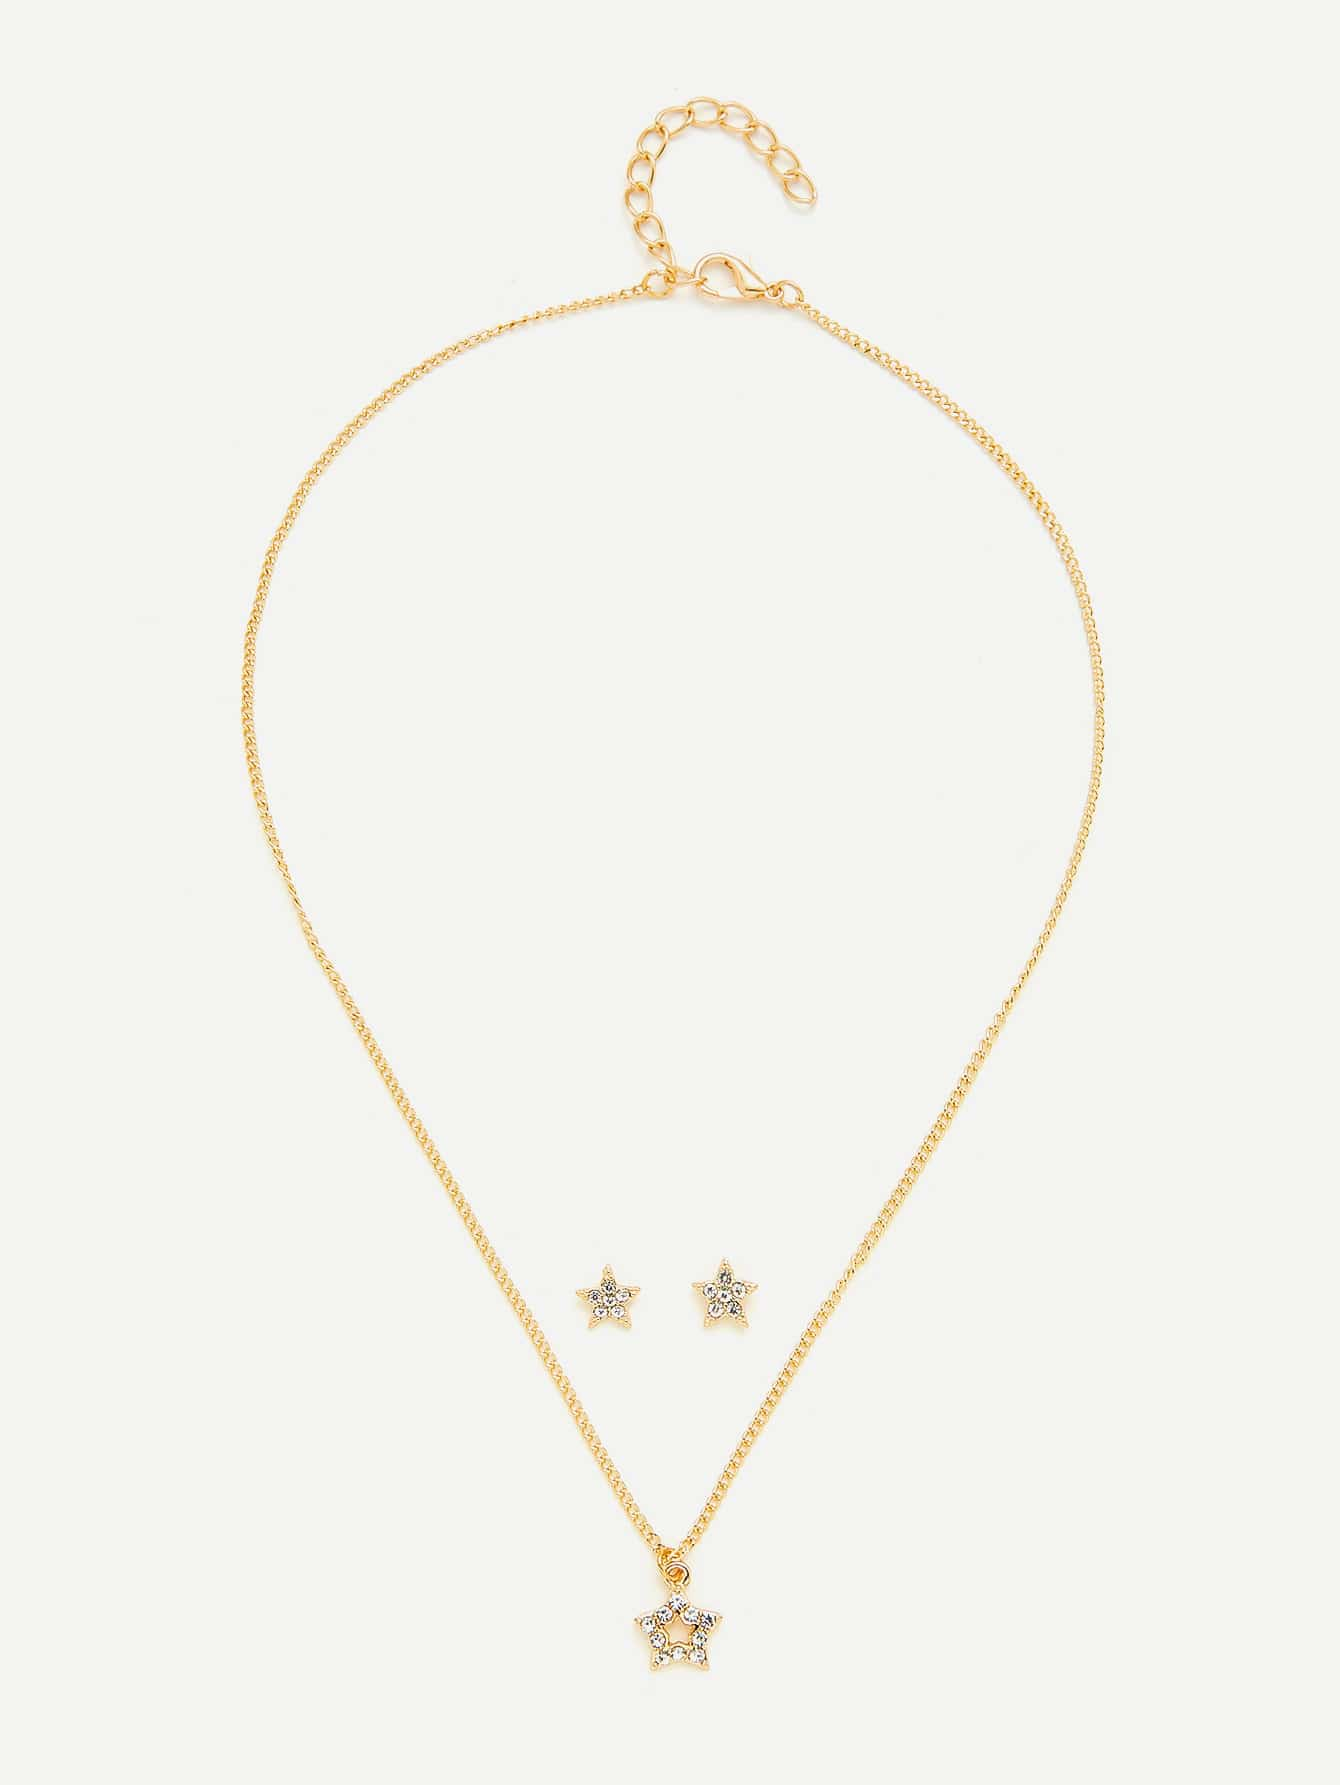 Star Pendant Necklace & Earring Set With Rhinestone er 3789 stylish retro jewelled pendant earring navy blue 2 pcs